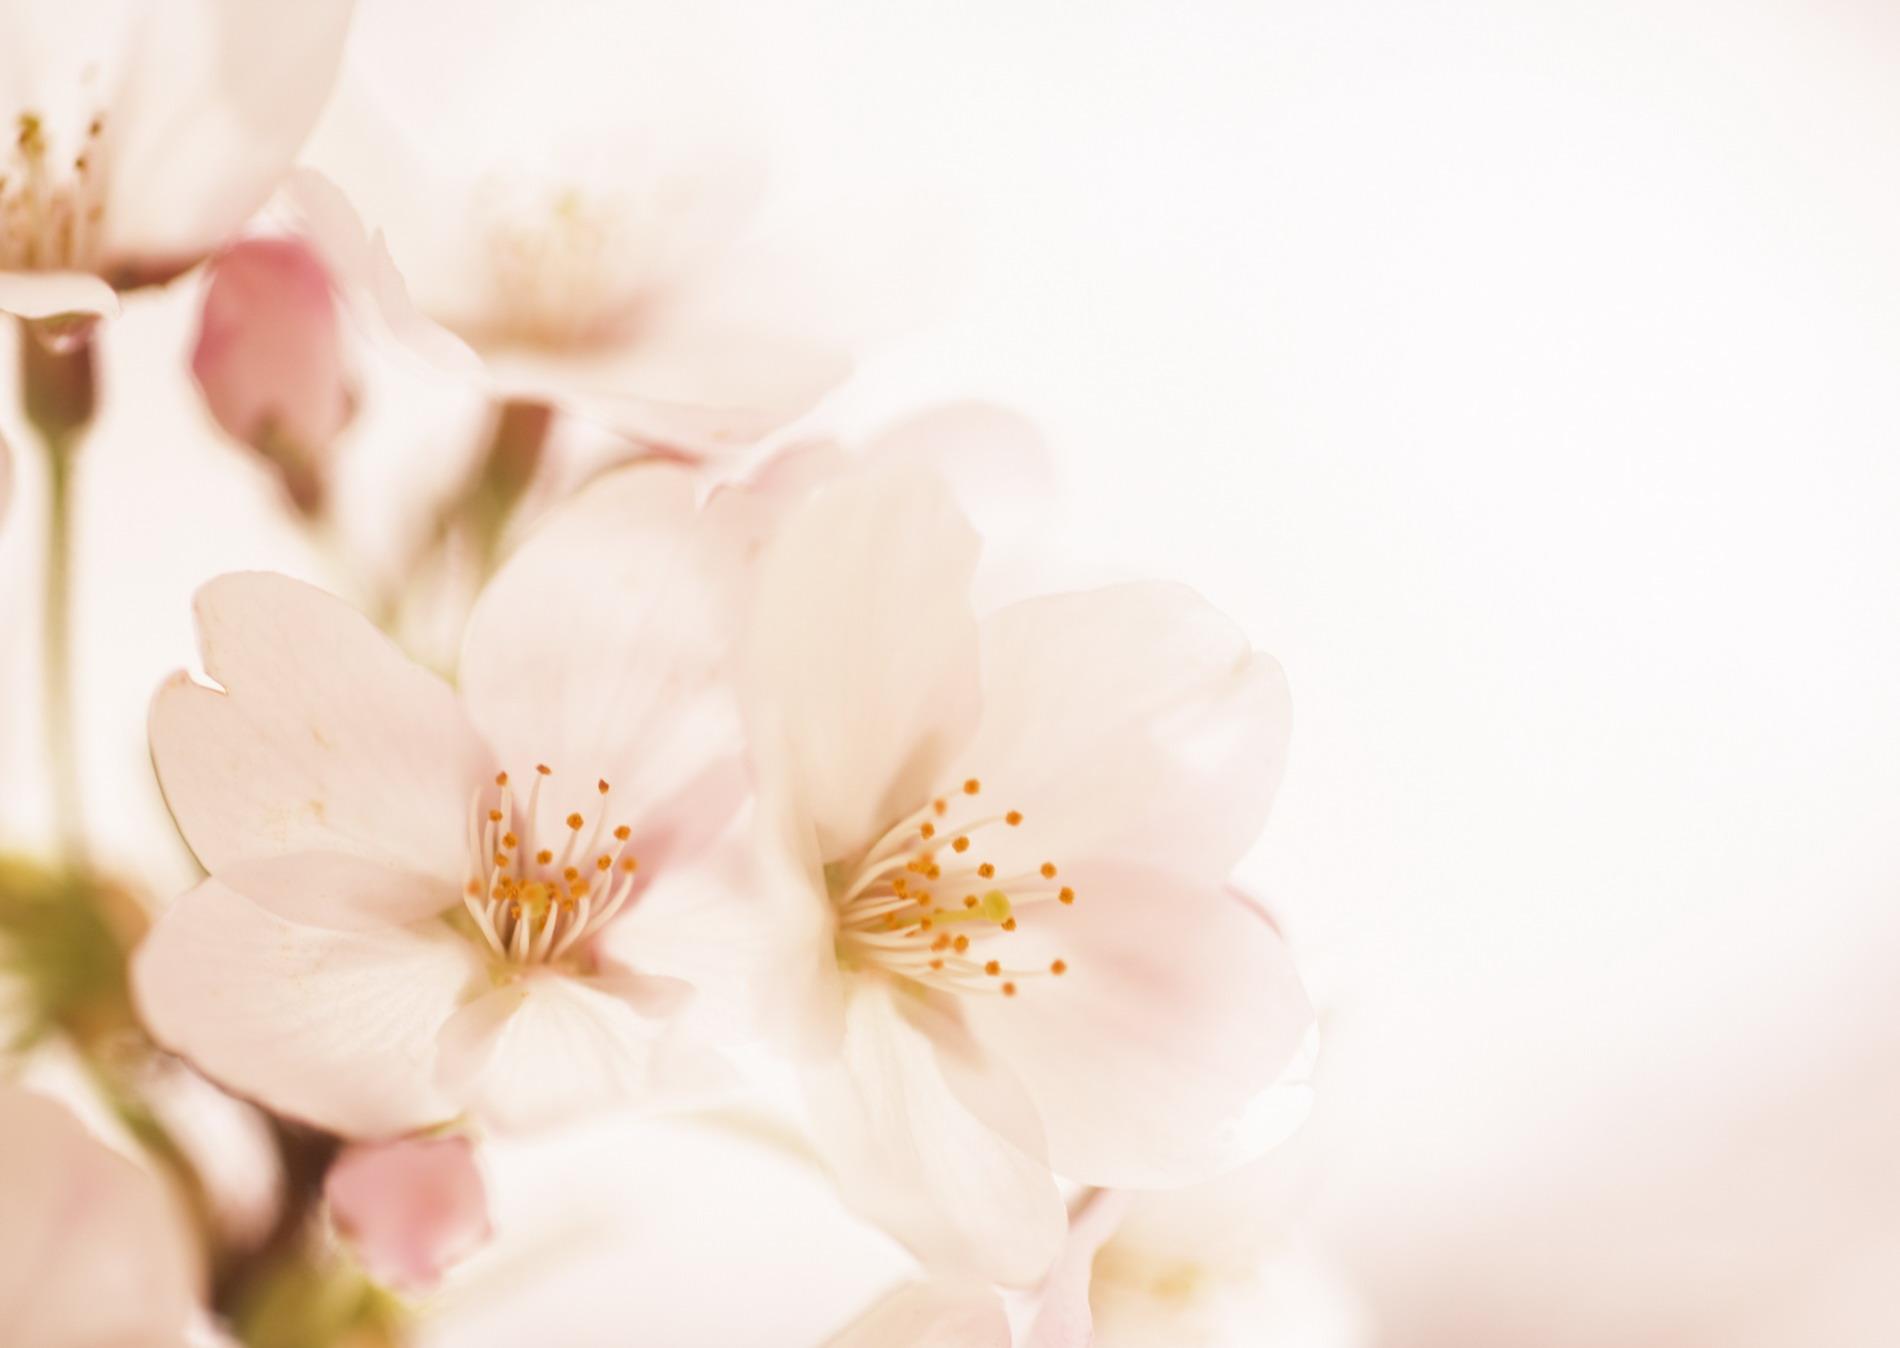 Полевые цветы фотография 1